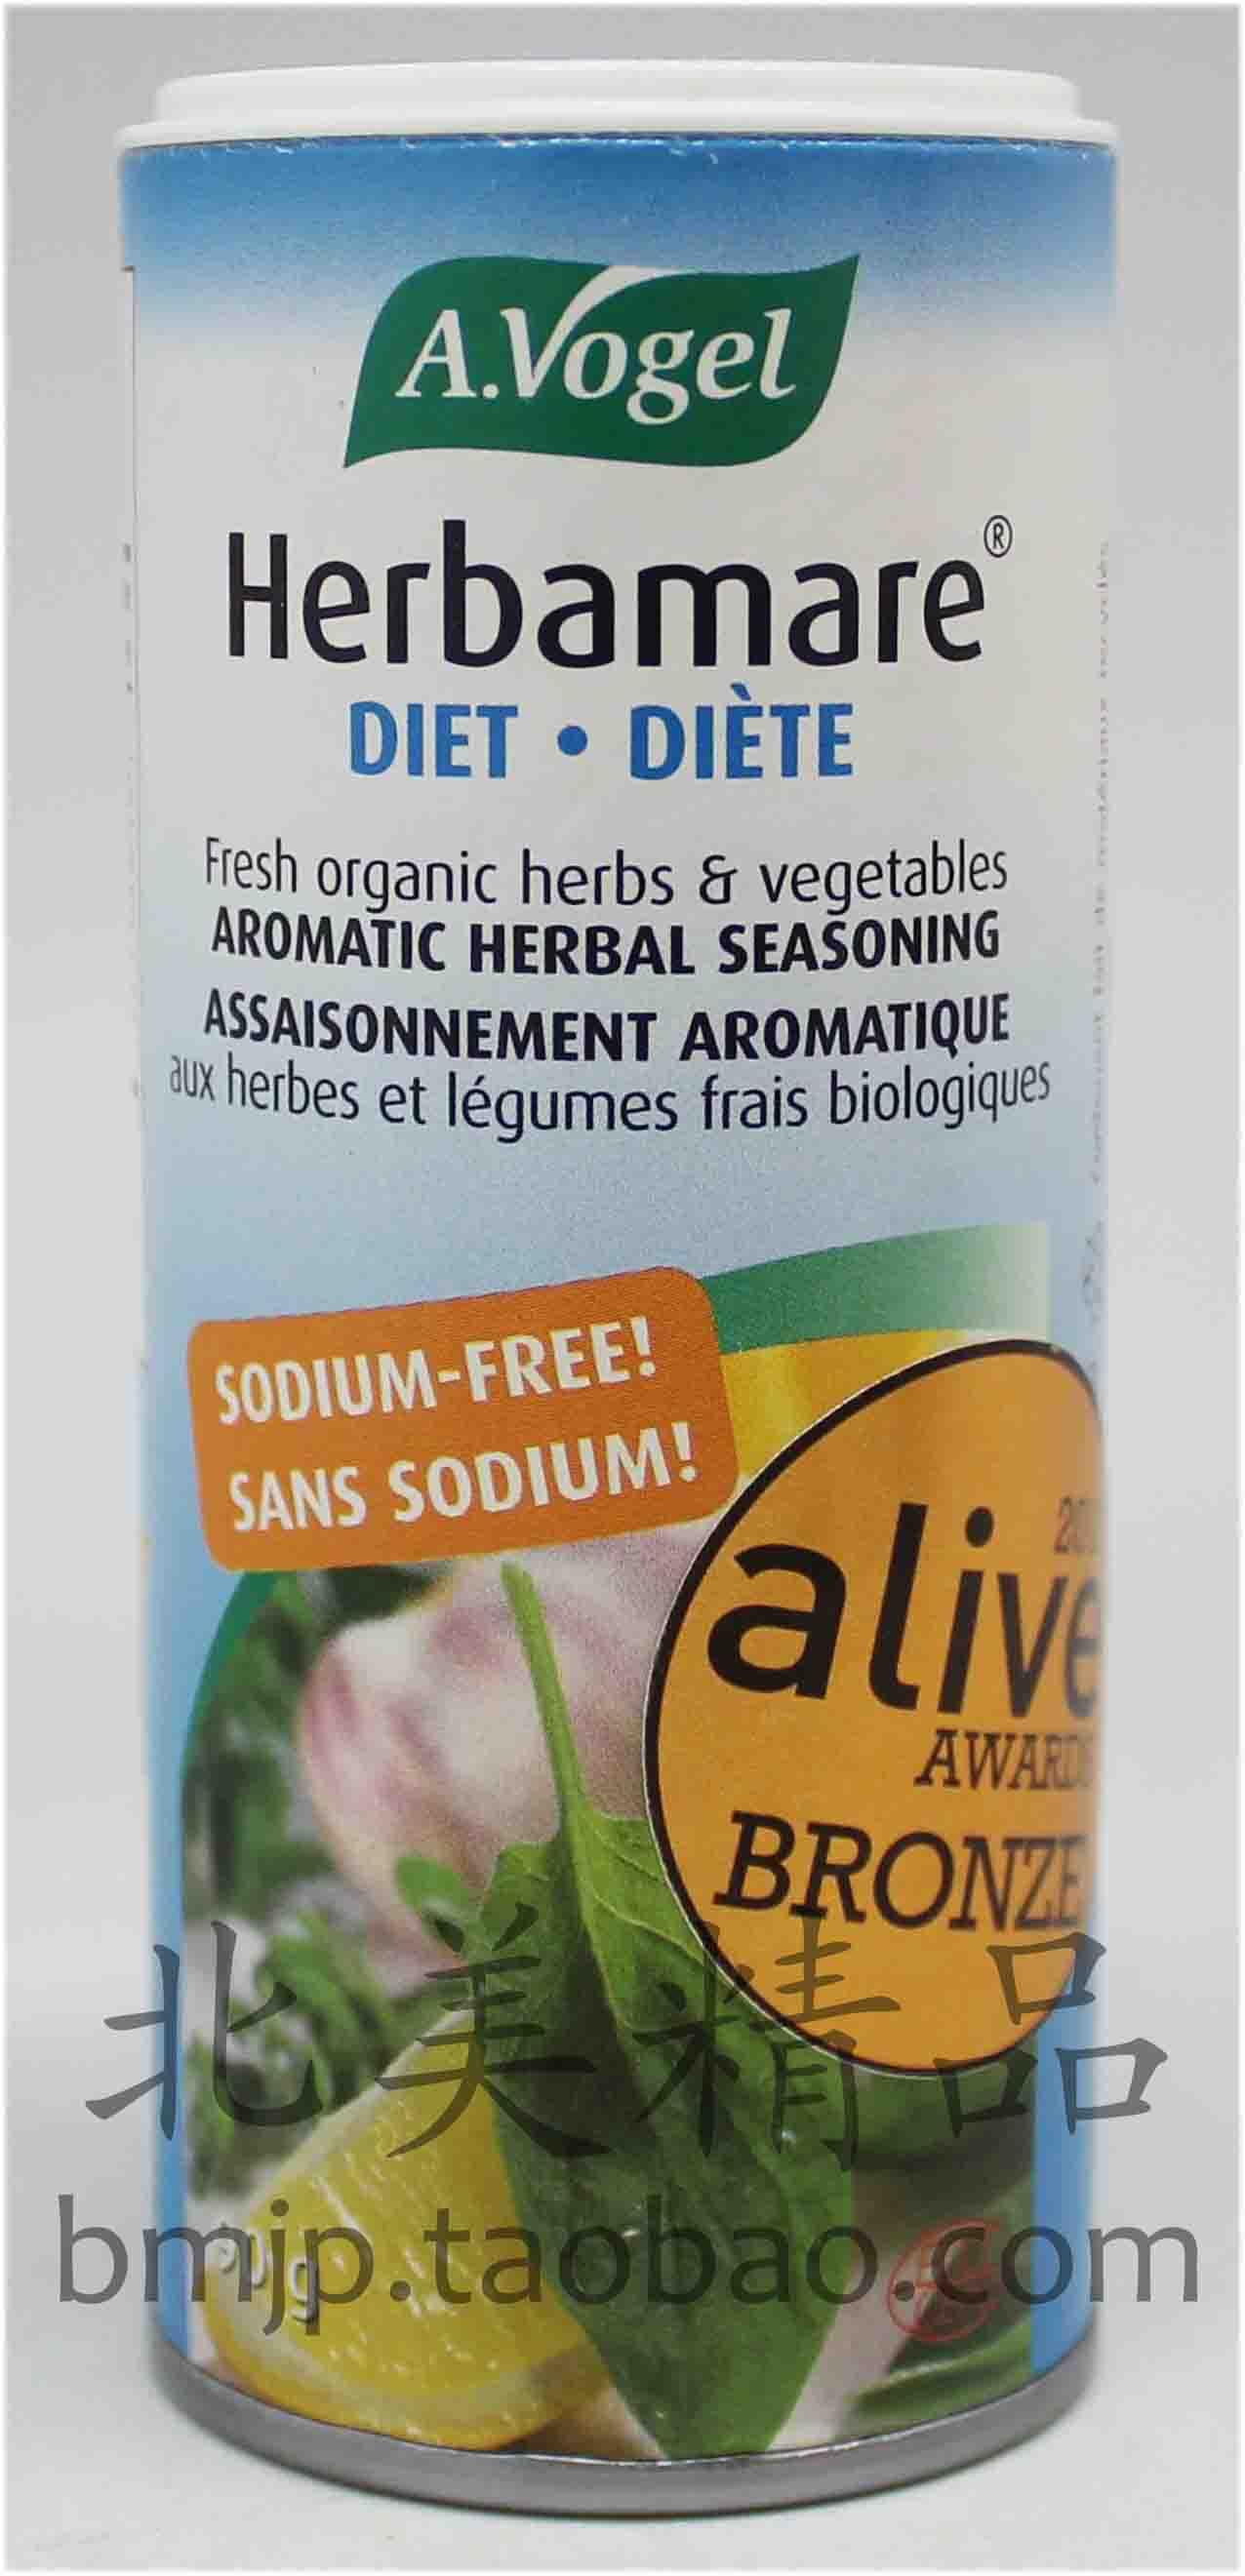 加拿大A.Vogel蔬菜调味料 含钾咸味剂 不含钠 90克